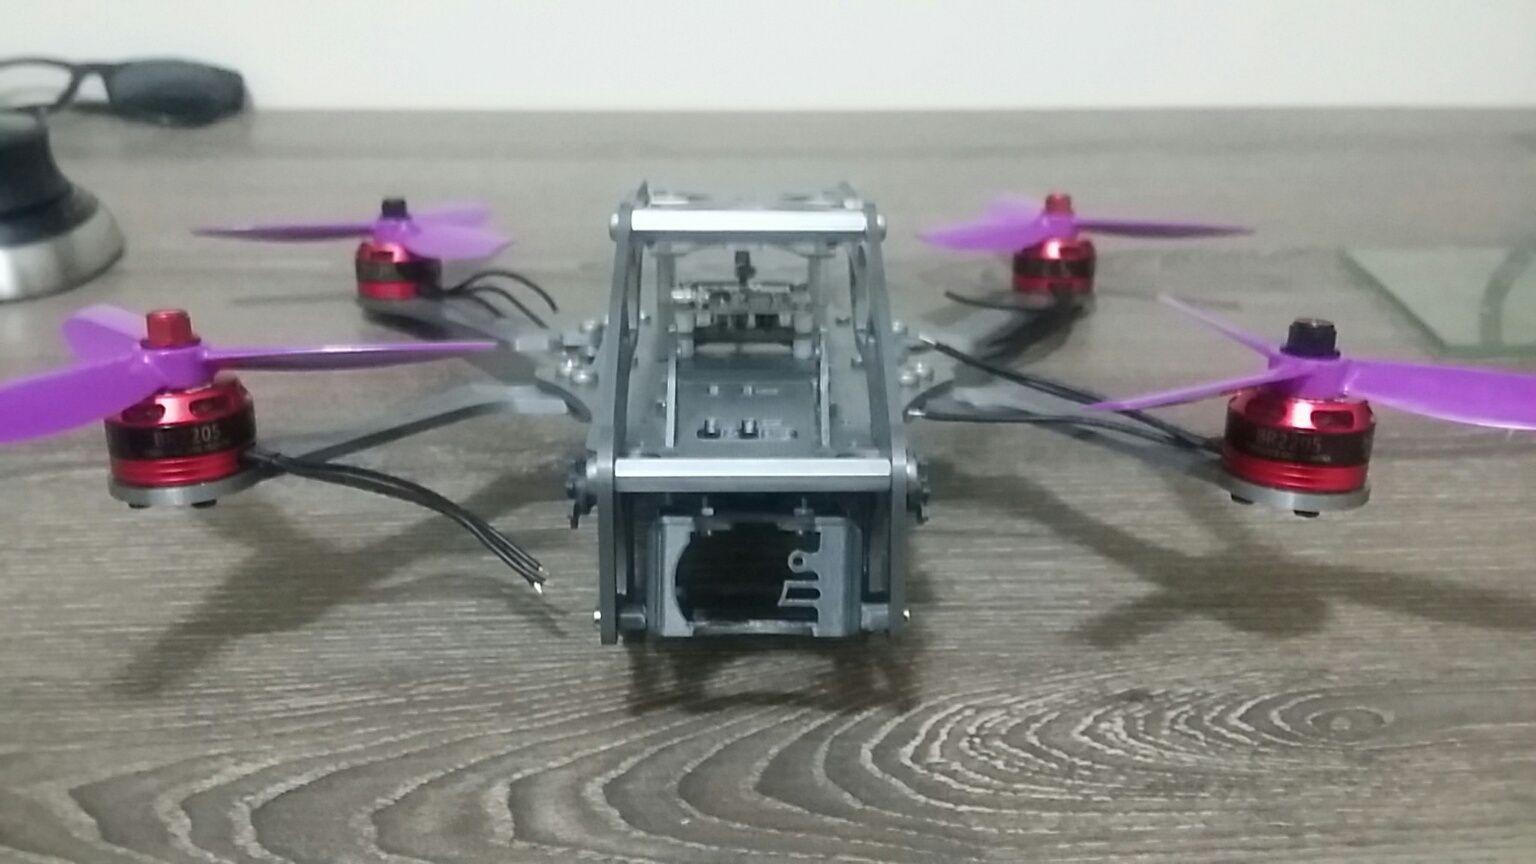 Drone-photoshoot-1-3500-3500